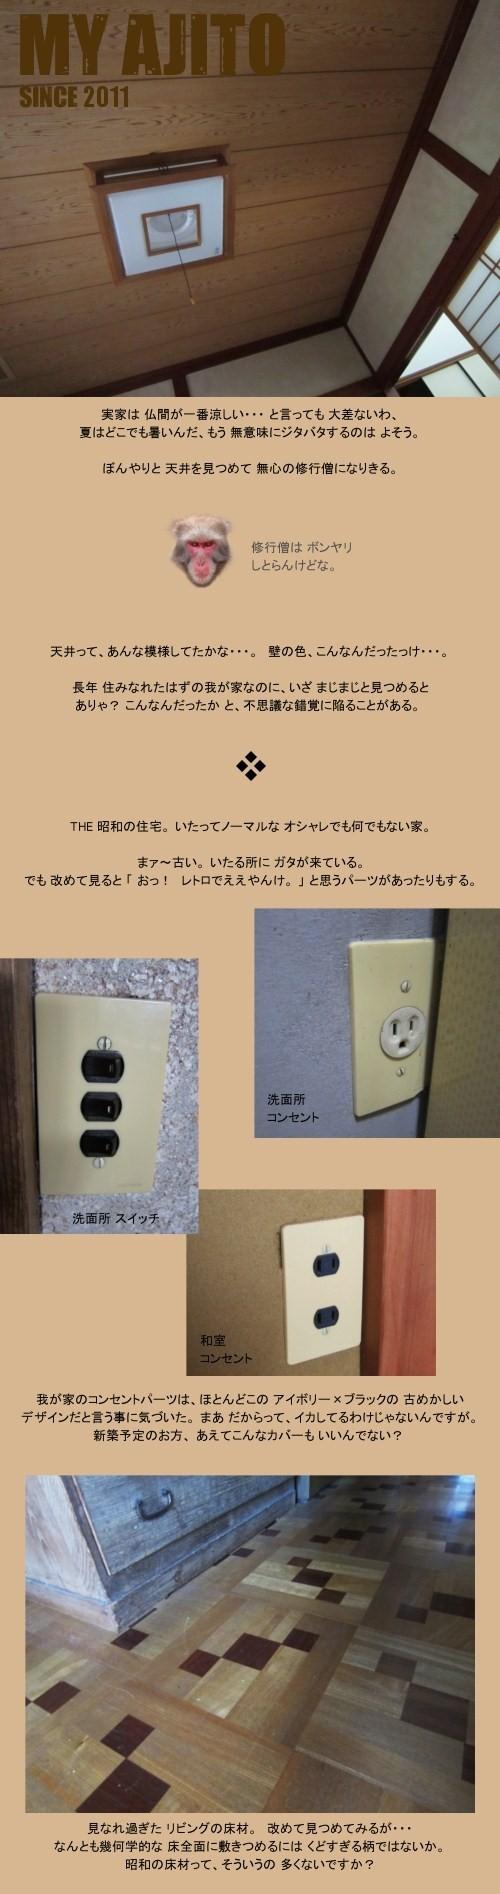 jikka_i_03.jpg